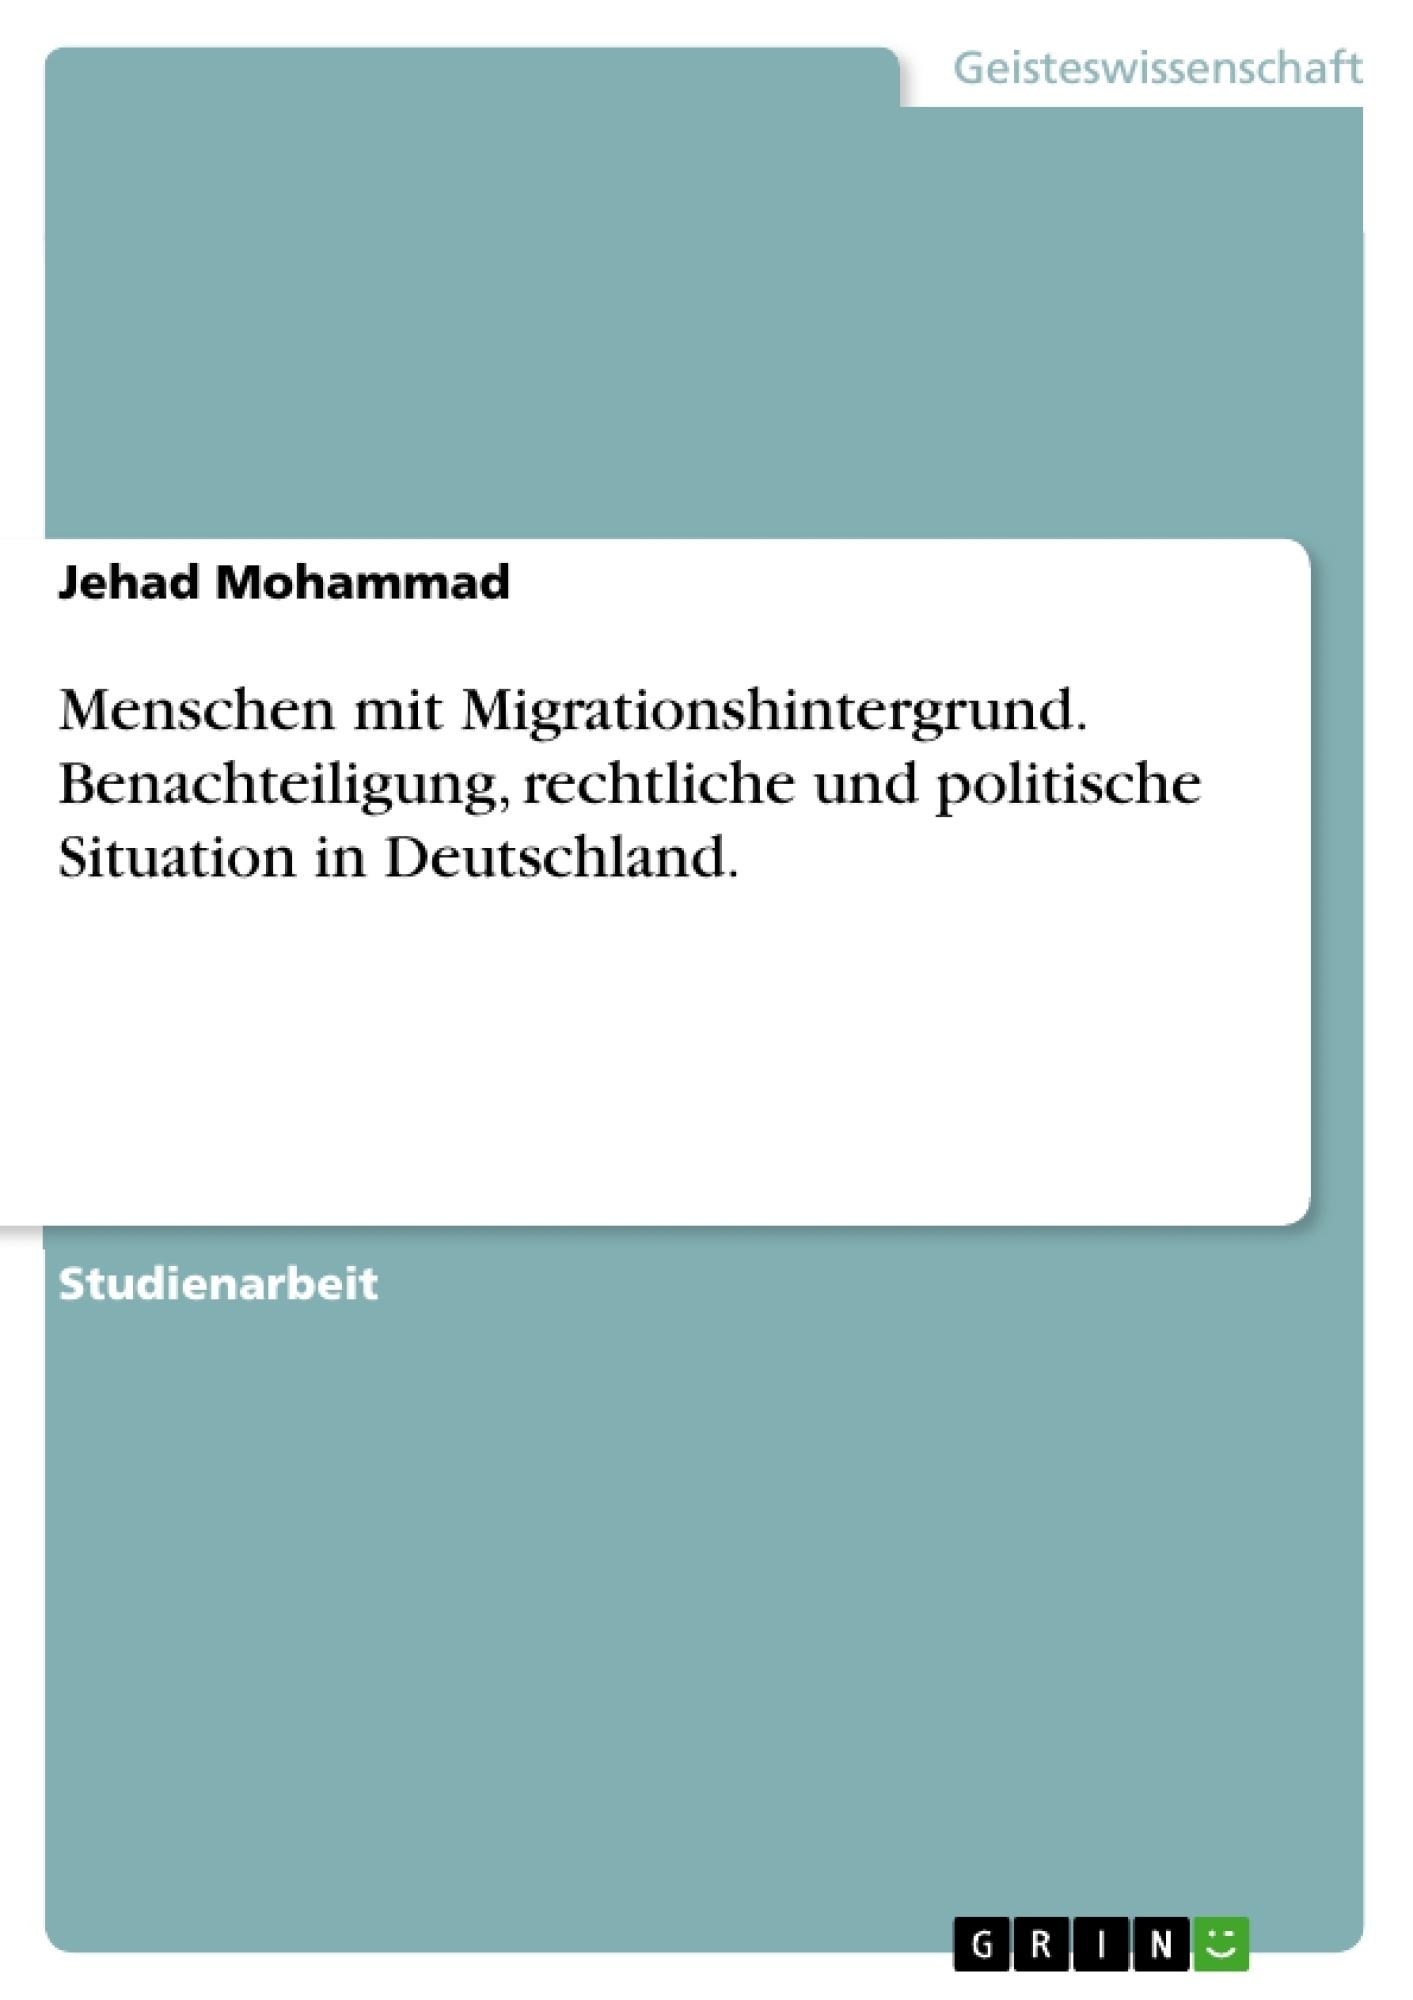 Titel: Menschen mit Migrationshintergrund. Benachteiligung, rechtliche und politische Situation in Deutschland.